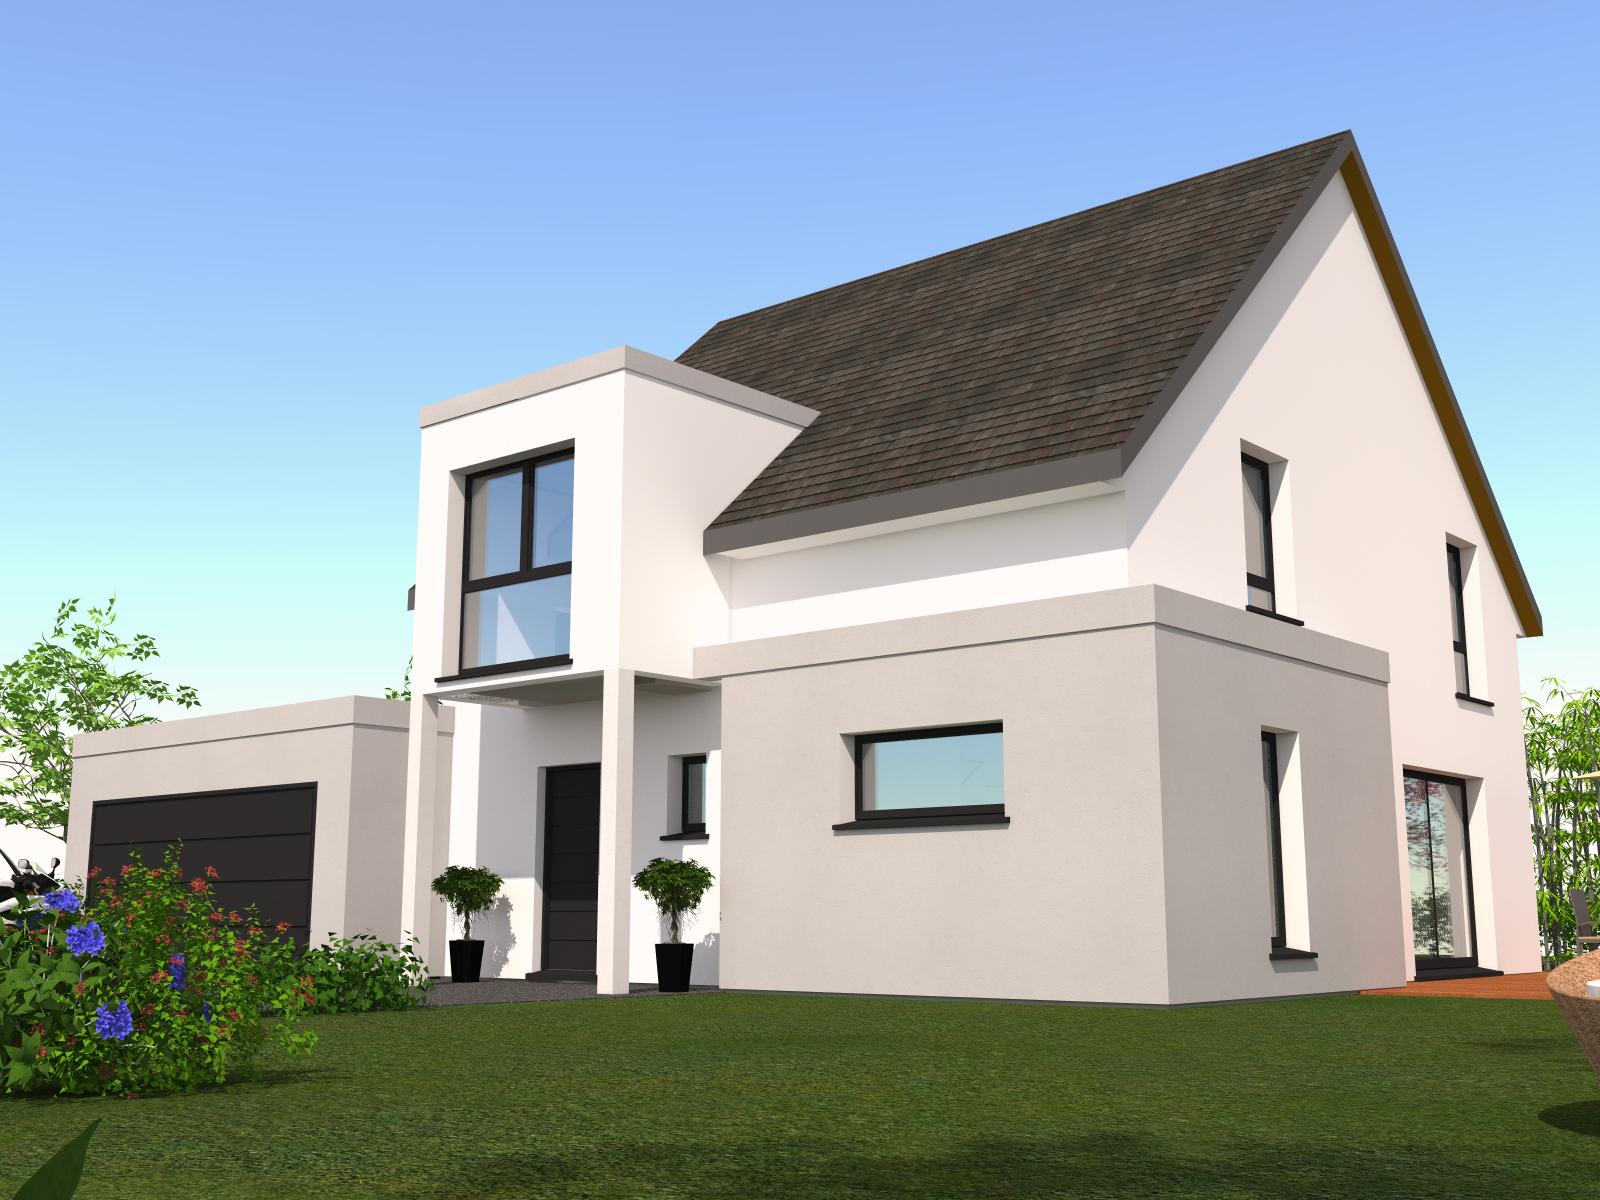 Maison 2 pans avec une lucarne cubique maisons k for Constructeur de maison en alsace